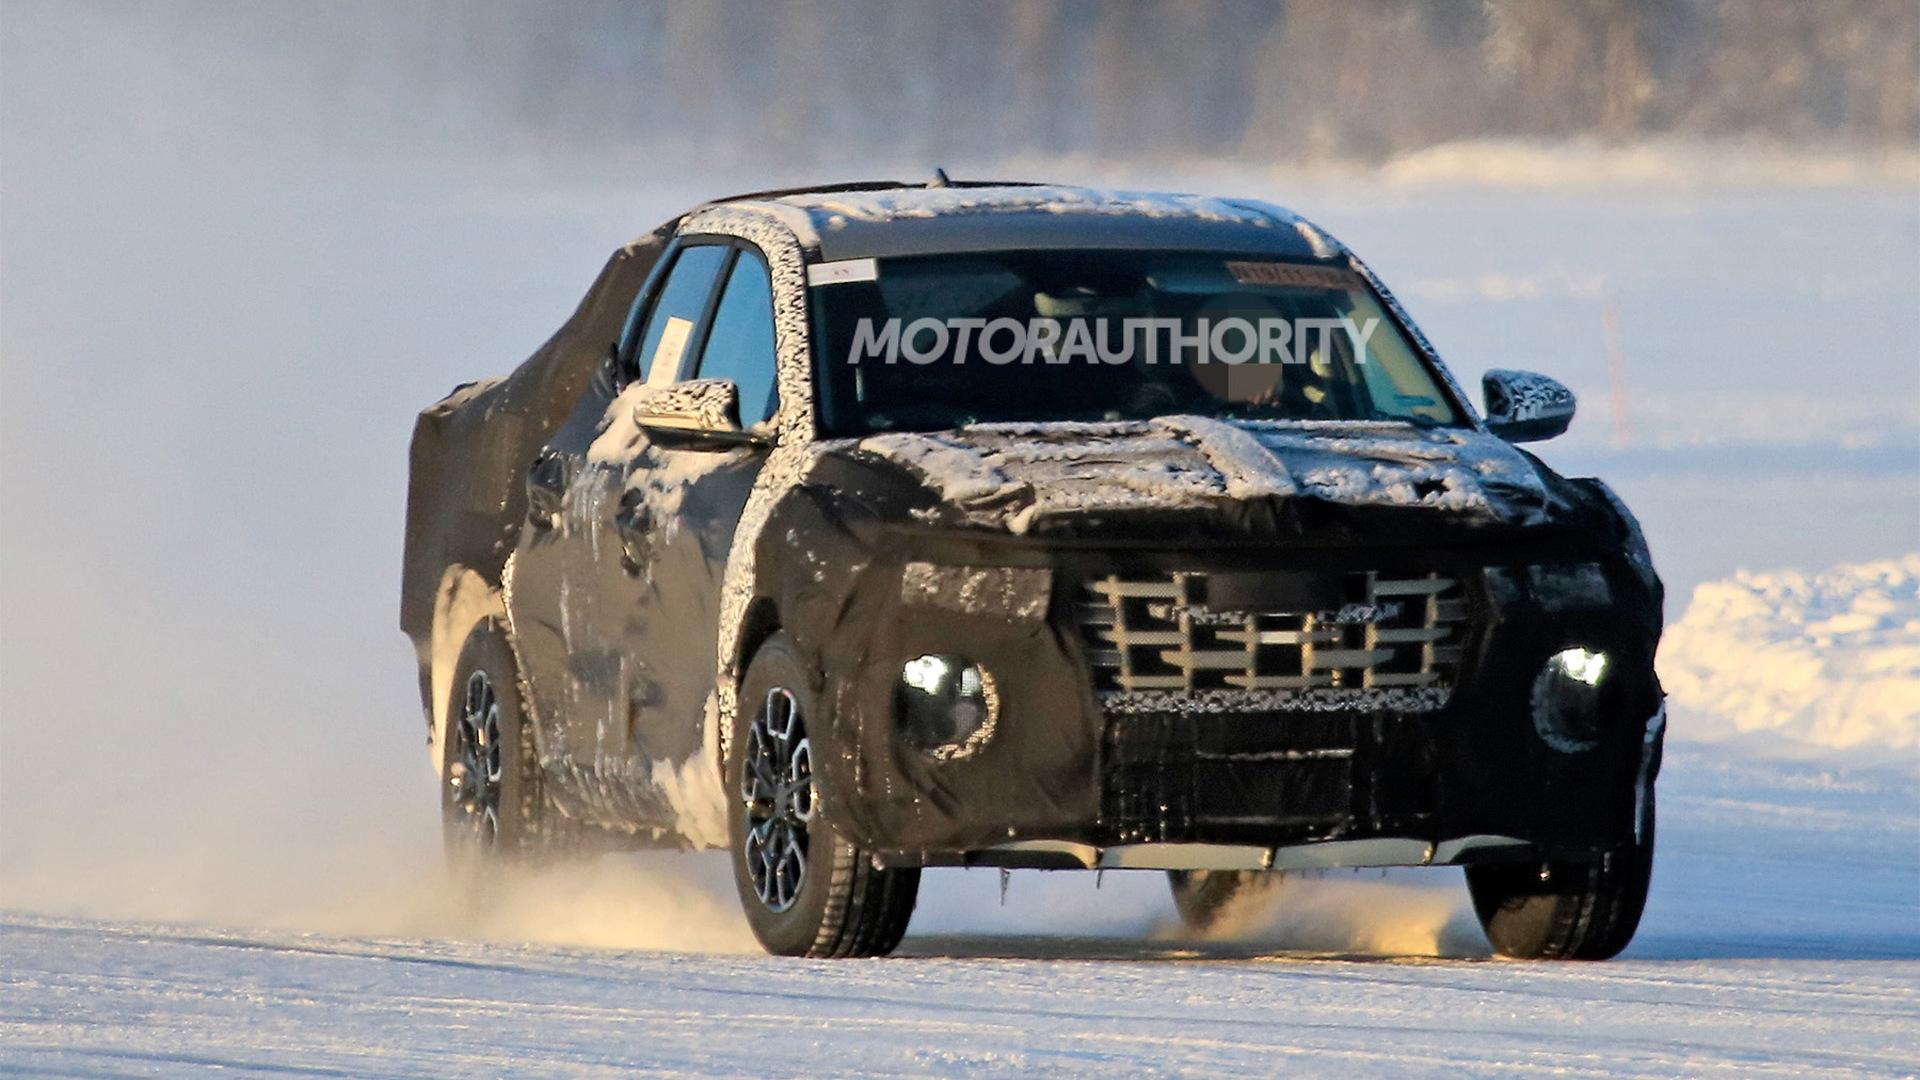 2022 Hyundai Santa Cruz spy shots - Photo credit:S. Baldauf/SB-Medien